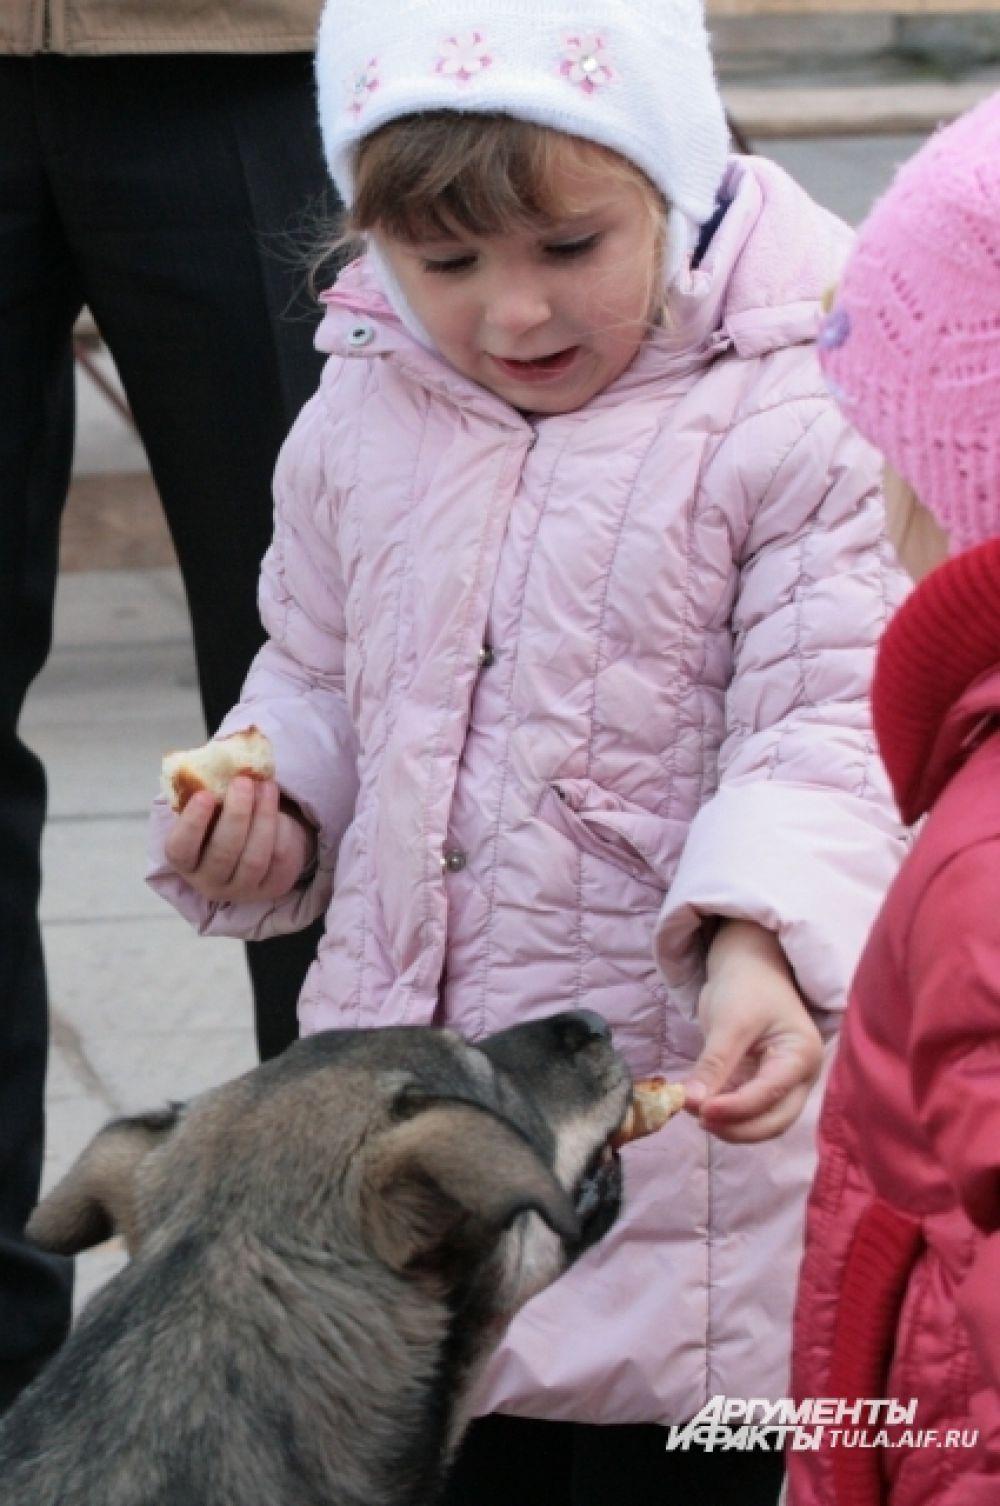 Он был очень ласков, дети кормили его из рук.